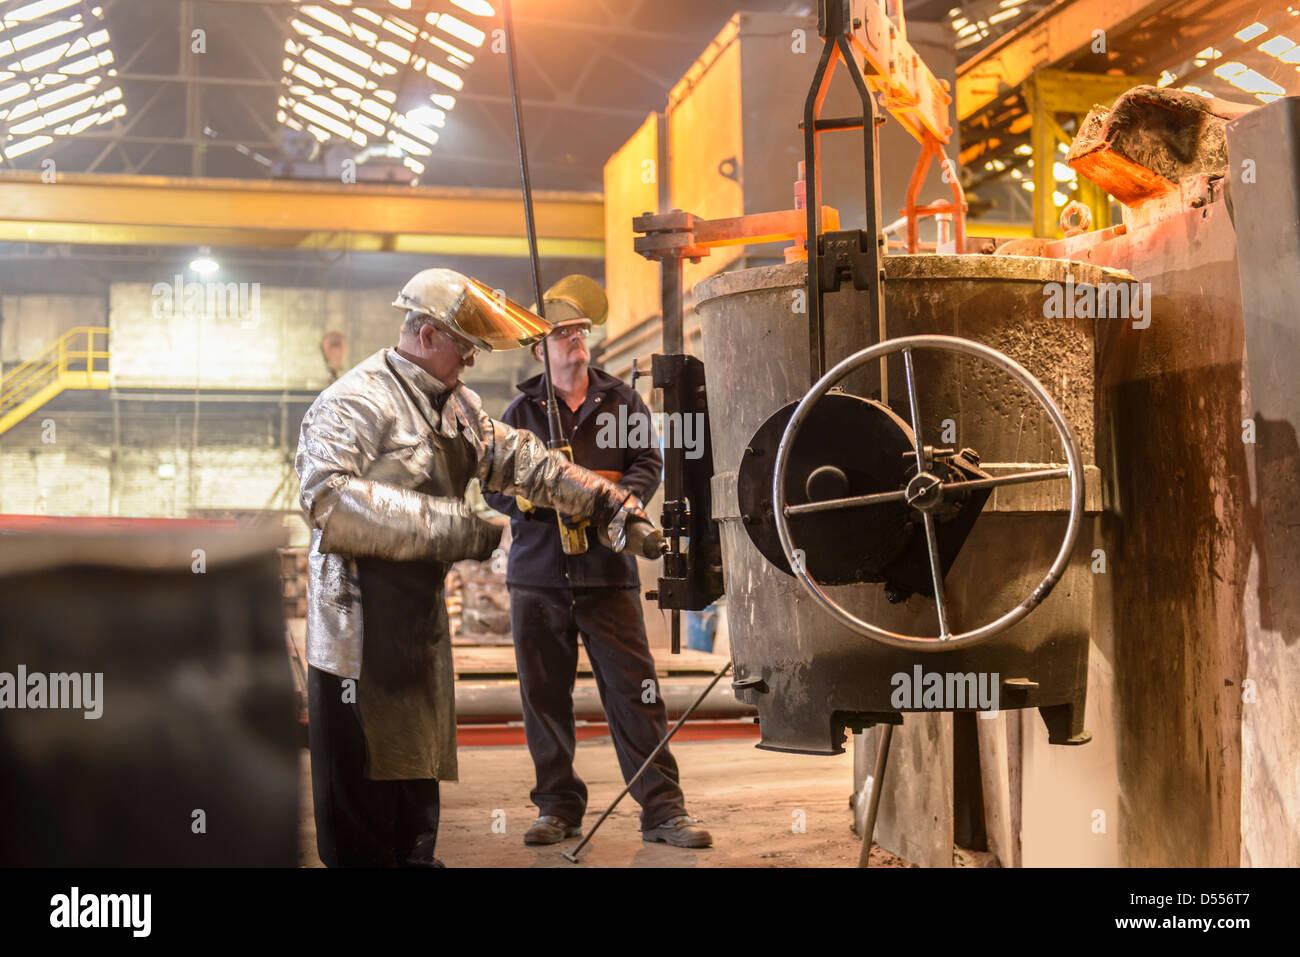 Lavoratori con iva del metallo fuso Immagini Stock